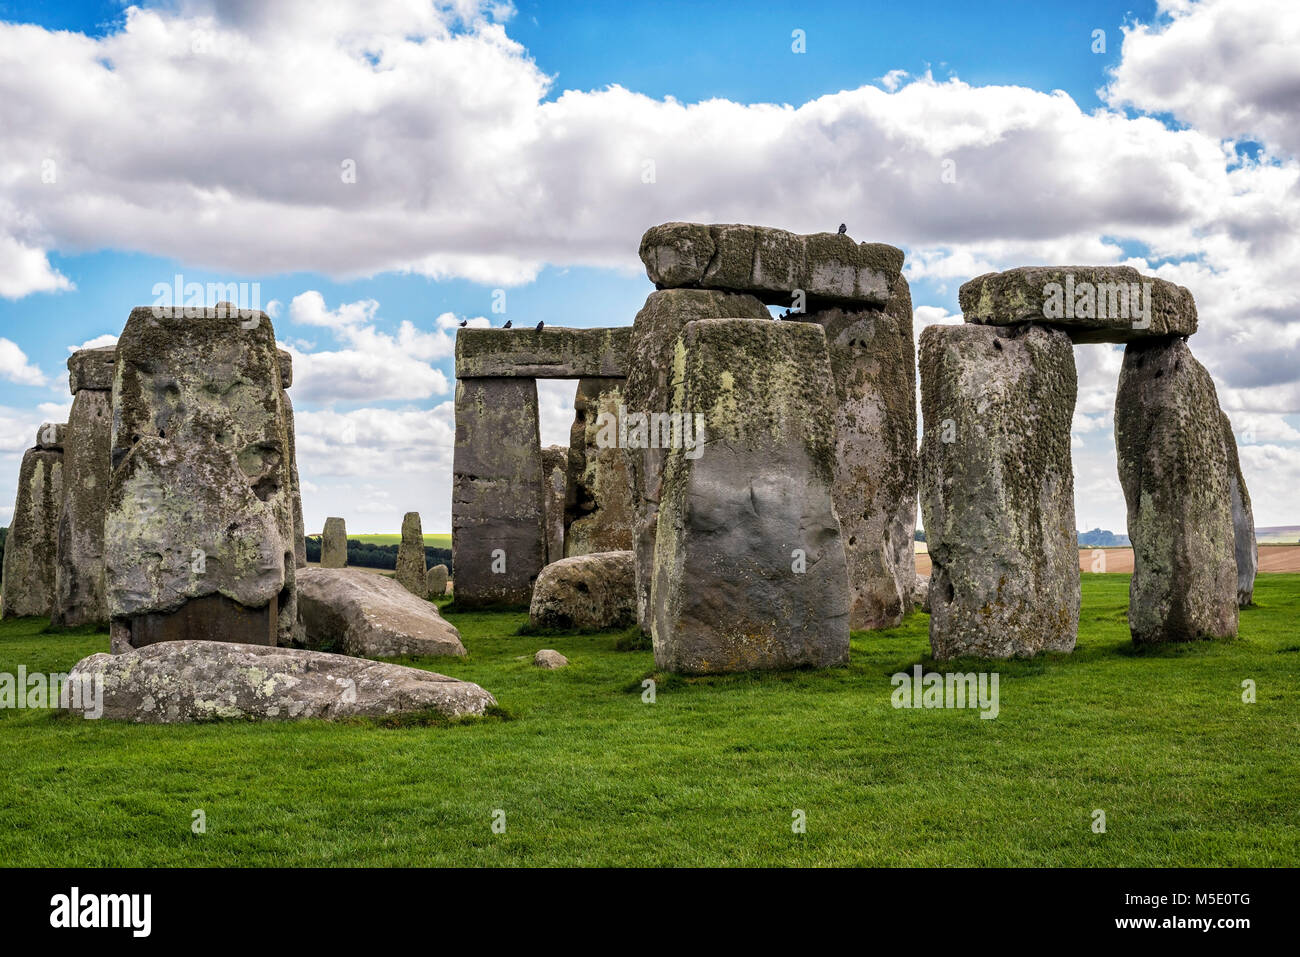 Stonehenge - United Kingdom - Stock Image